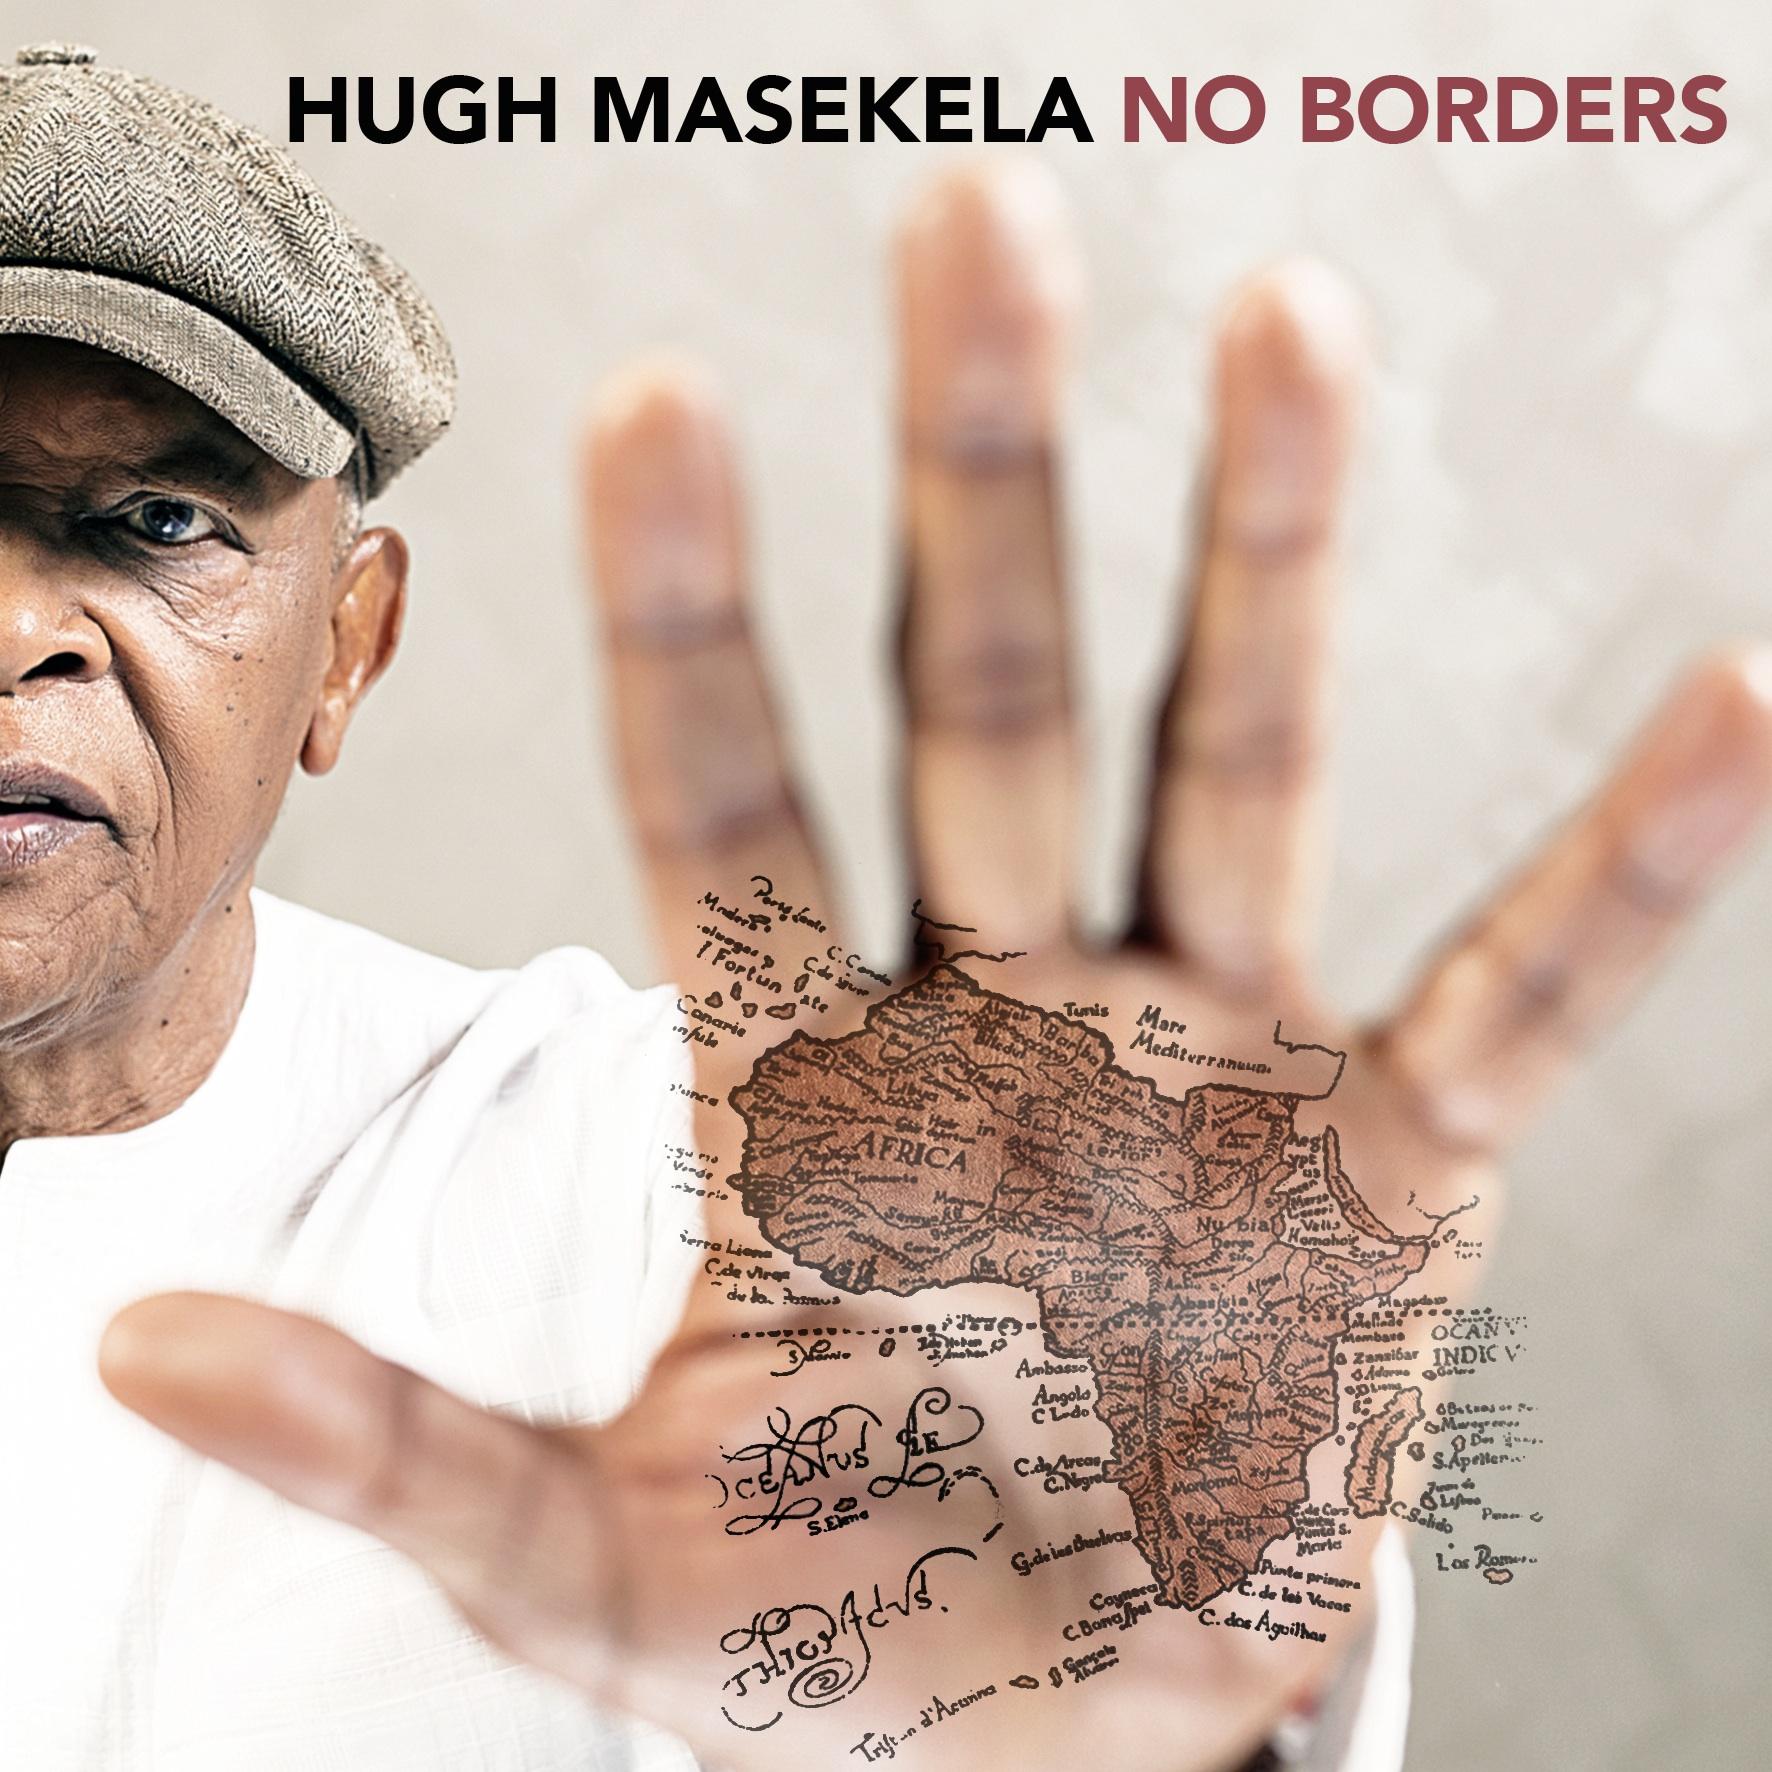 hugh-masekela-no-borders-album-coverhi-res